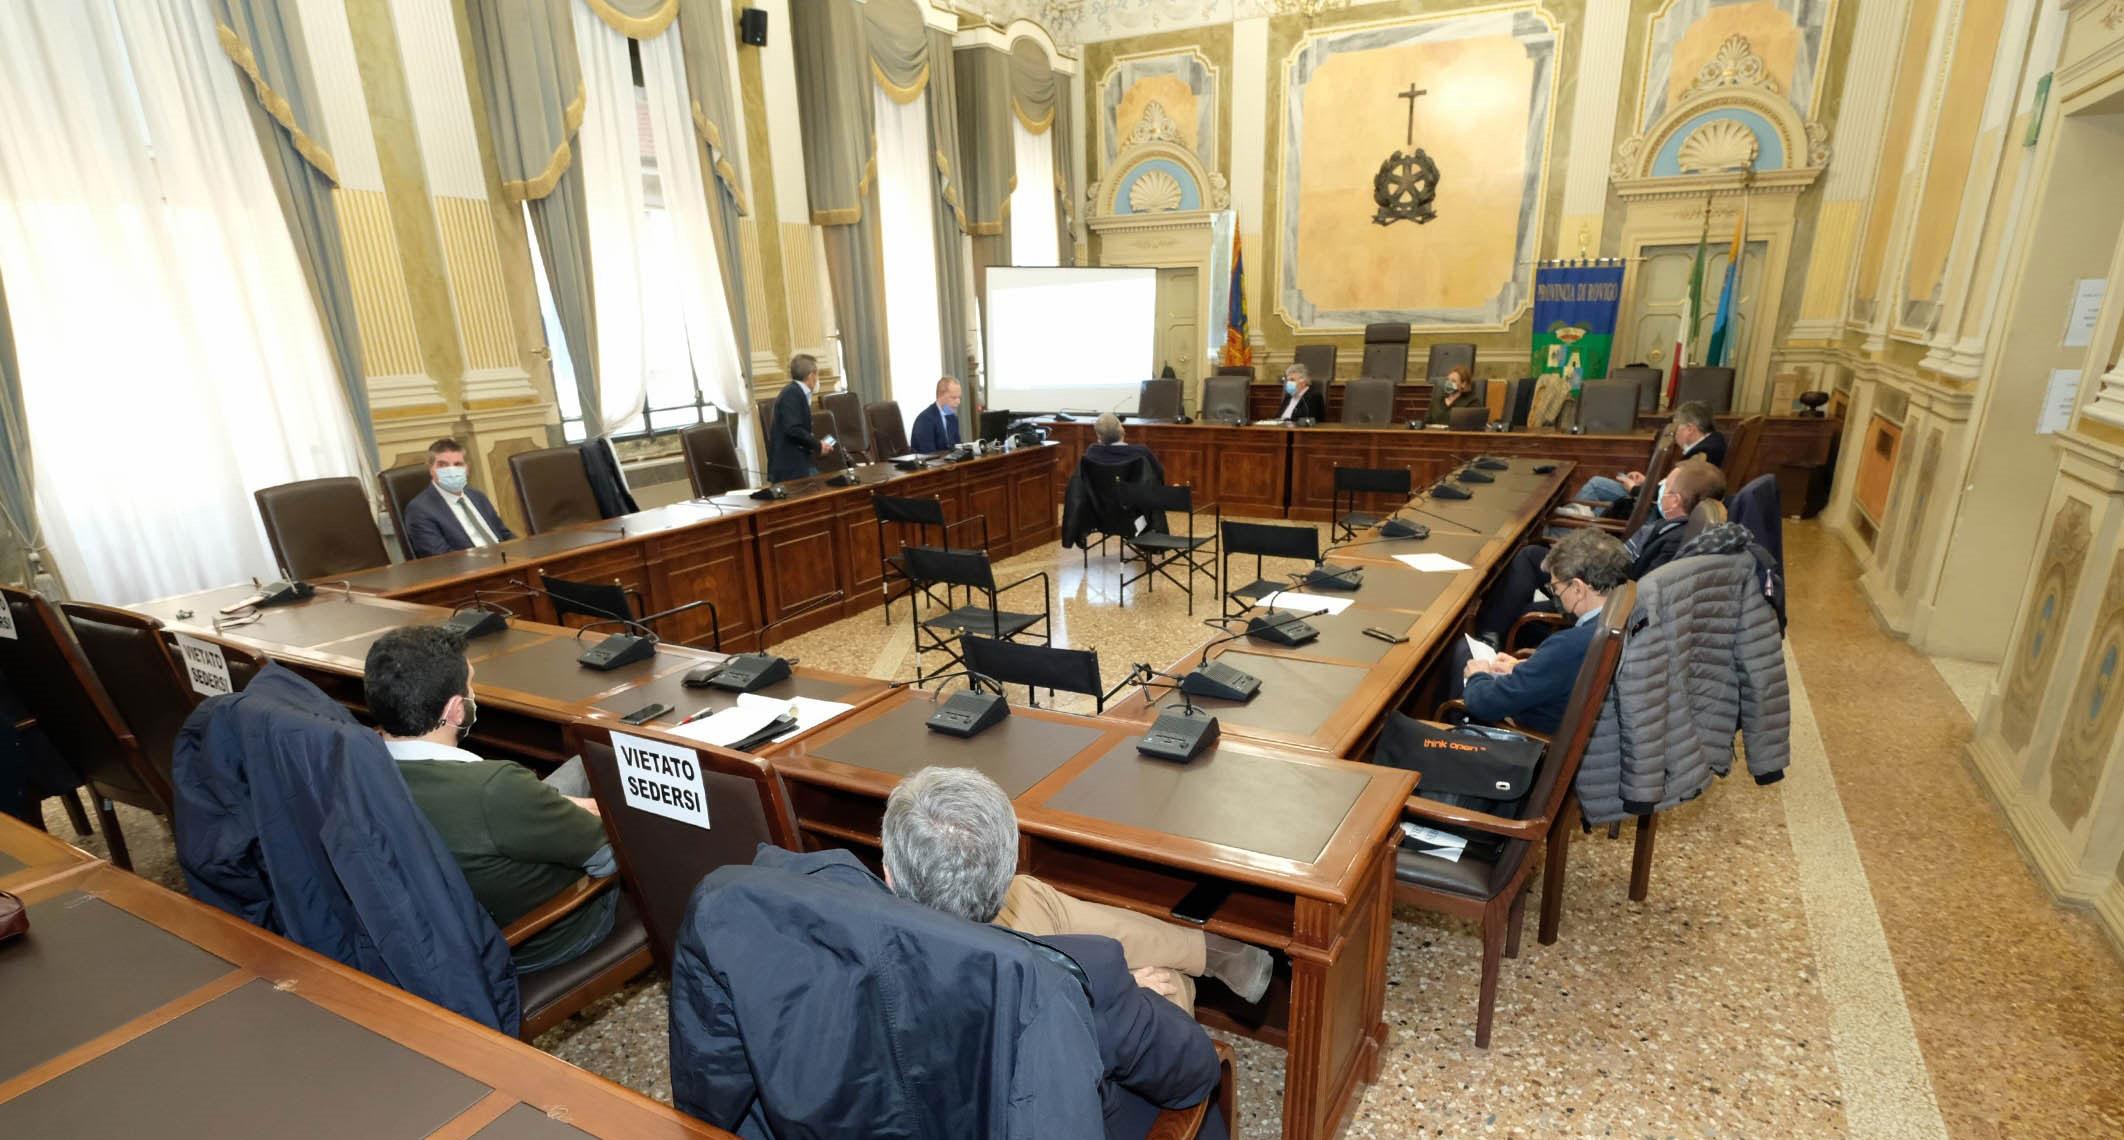 Polesine TLC e IRIDEOS presentano la Rete Wireless Polesana di ultima generazione ai Comuni della Provincia di Rovigo